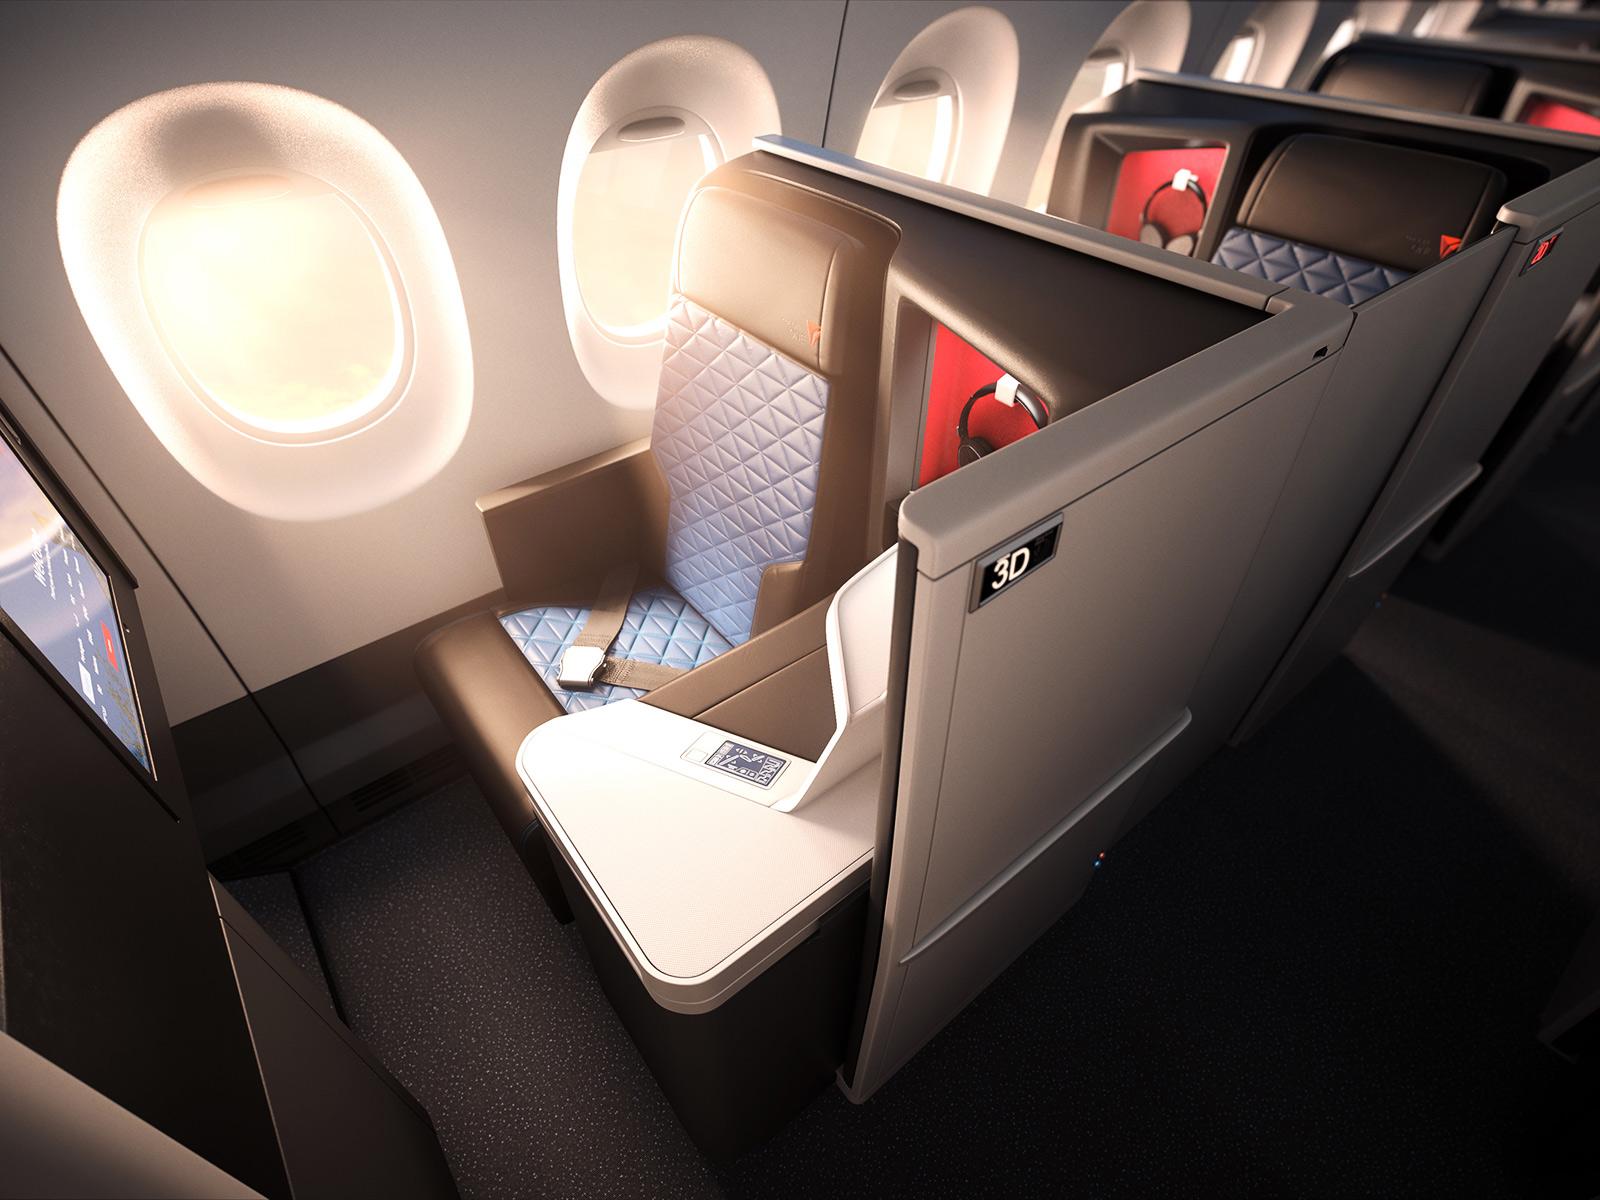 デルタ航空 ファースト&ビジネスクラス